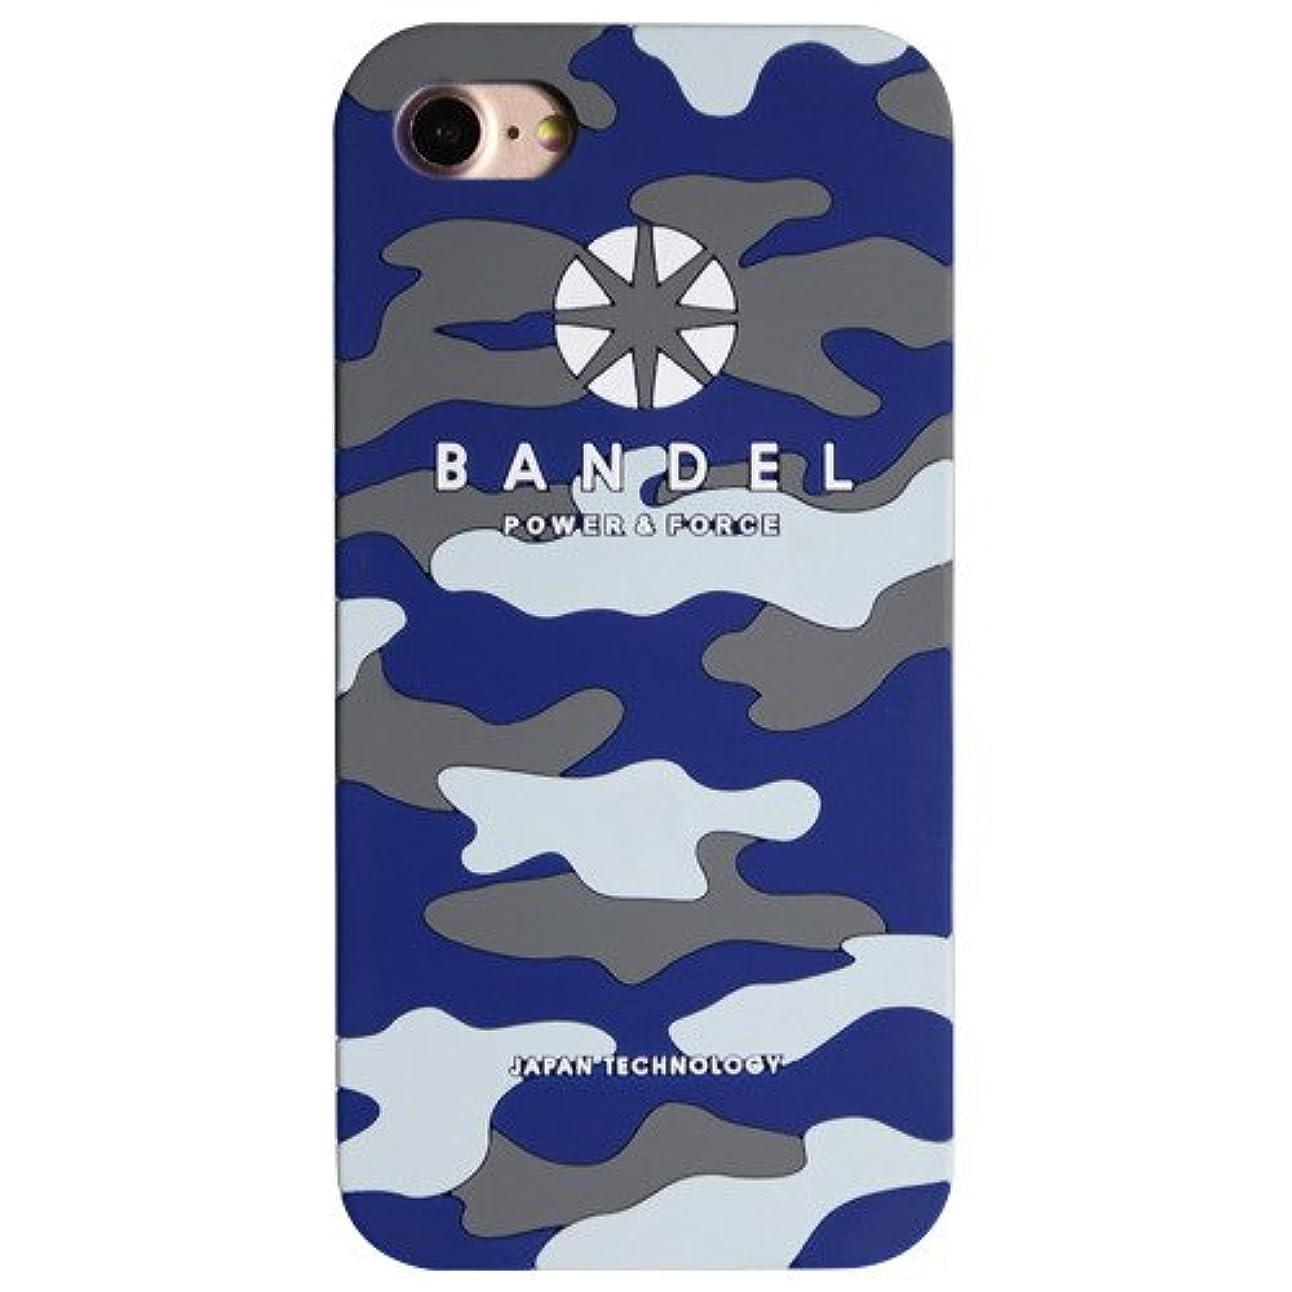 腐敗ハム同一のバンデル(BANDEL) ロゴ iPhone 7専用 シリコンケース [ネイビー×カモフラージュ]